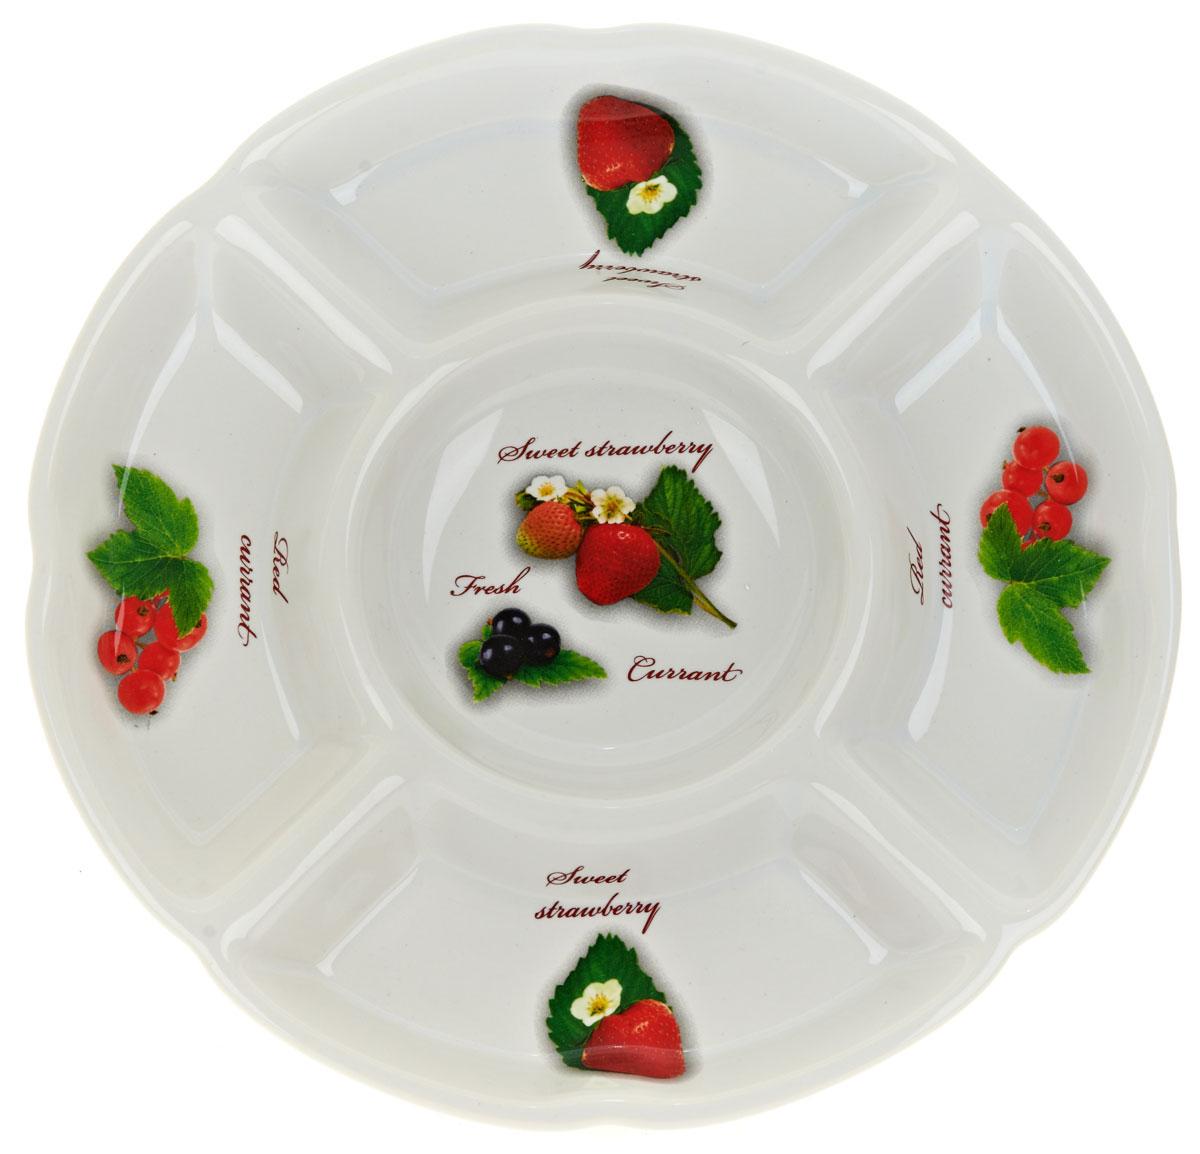 Менажница ENS Group Садовая ягода, 5 секций, диаметр 24 см. L2520284L2520284Менажница Садовая ягода, изготовленная из высококачественной керамики. Менажница состоит из 5 секций, предназначенных для подачи сразу нескольких видов закусок, нарезок, соусов и варенья. Оригинальная менажница станет настоящим украшением праздничного стола и подчеркнет ваш изысканный вкус. Можно мыть в посудомоечной машине.